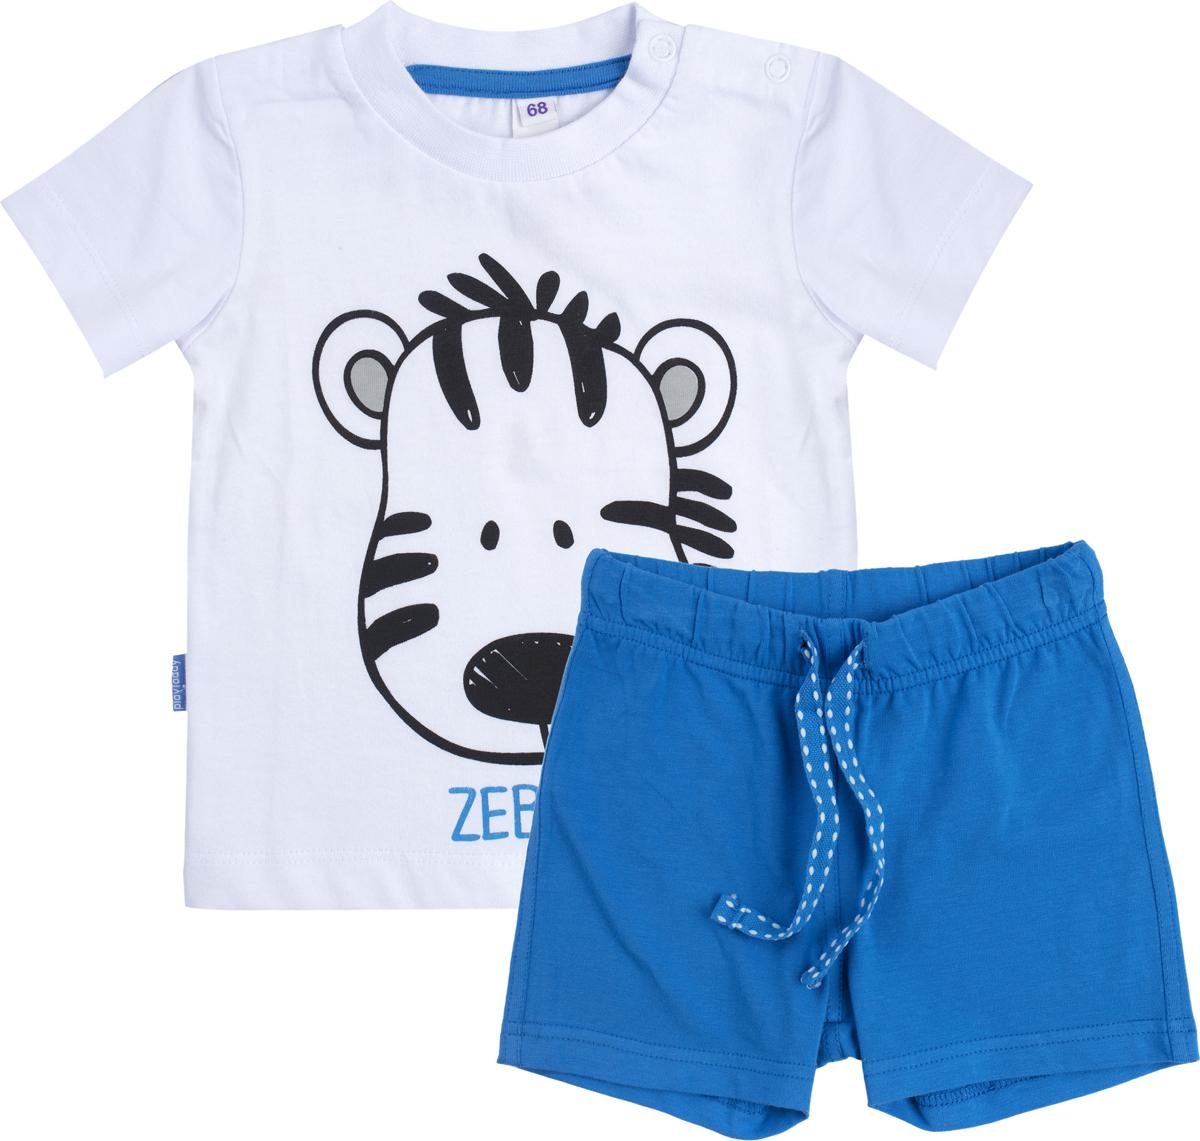 Комплект для мальчика PlayToday: футболка, шорты, цвет: белый, синий. 187861. Размер 74187861